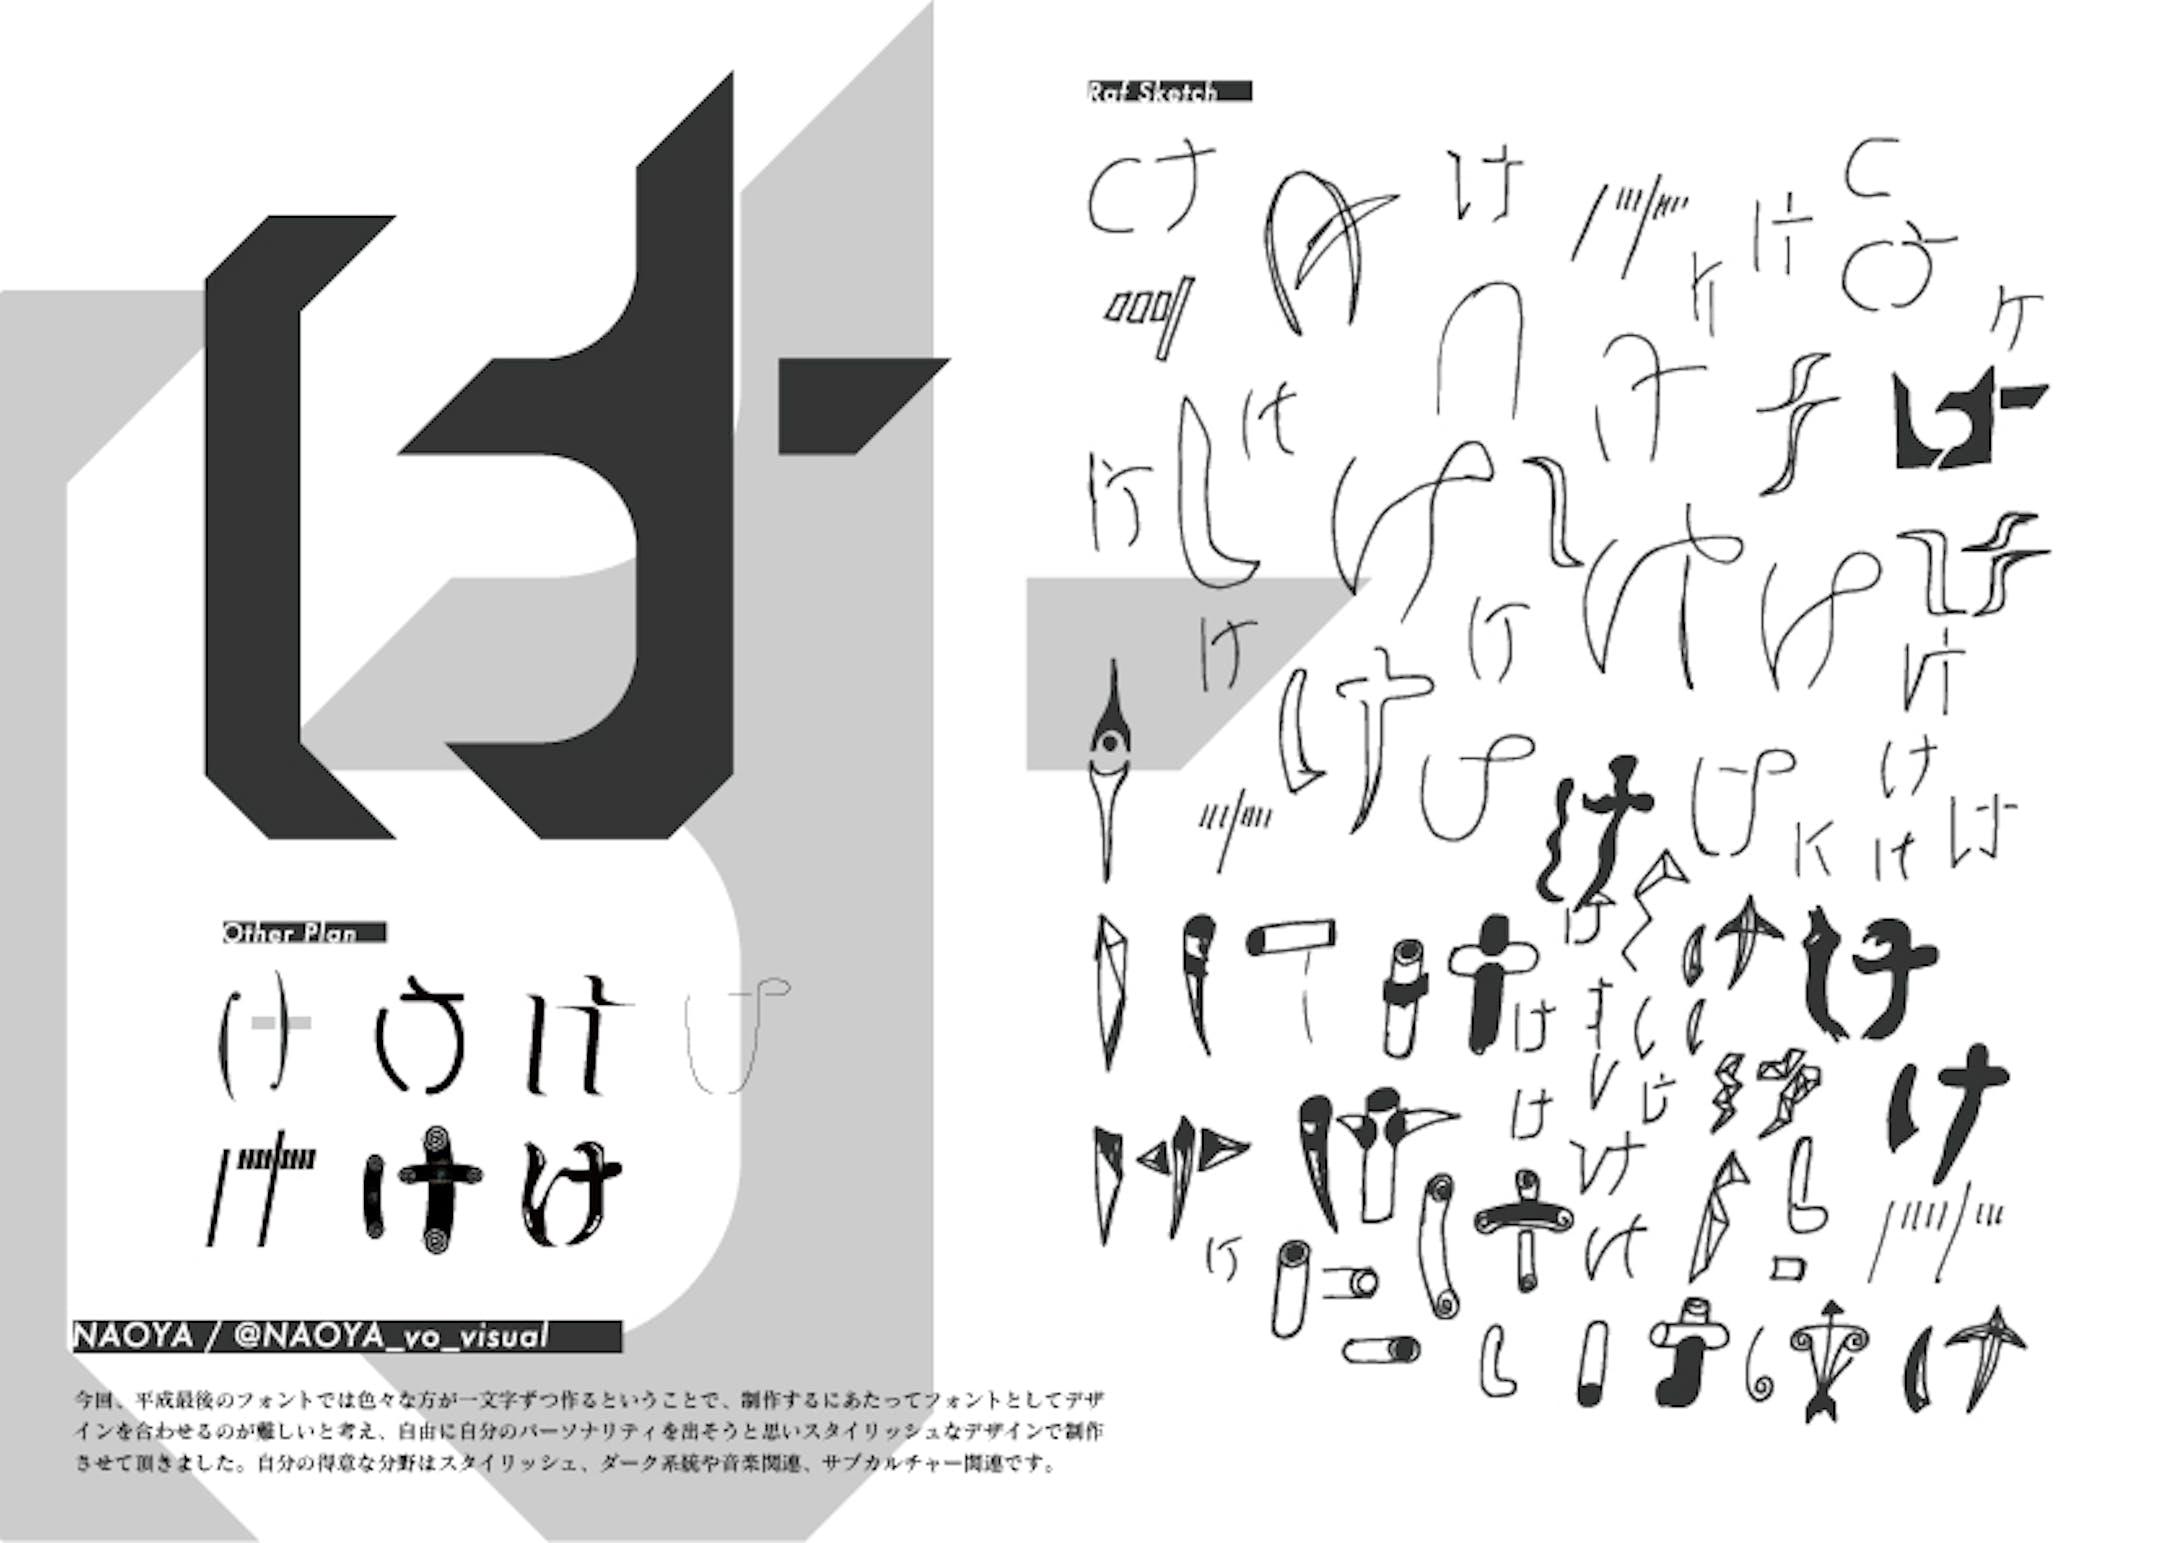 平成最後のフォント プロジェクト - Poster/Book/Goods/Font Design-6